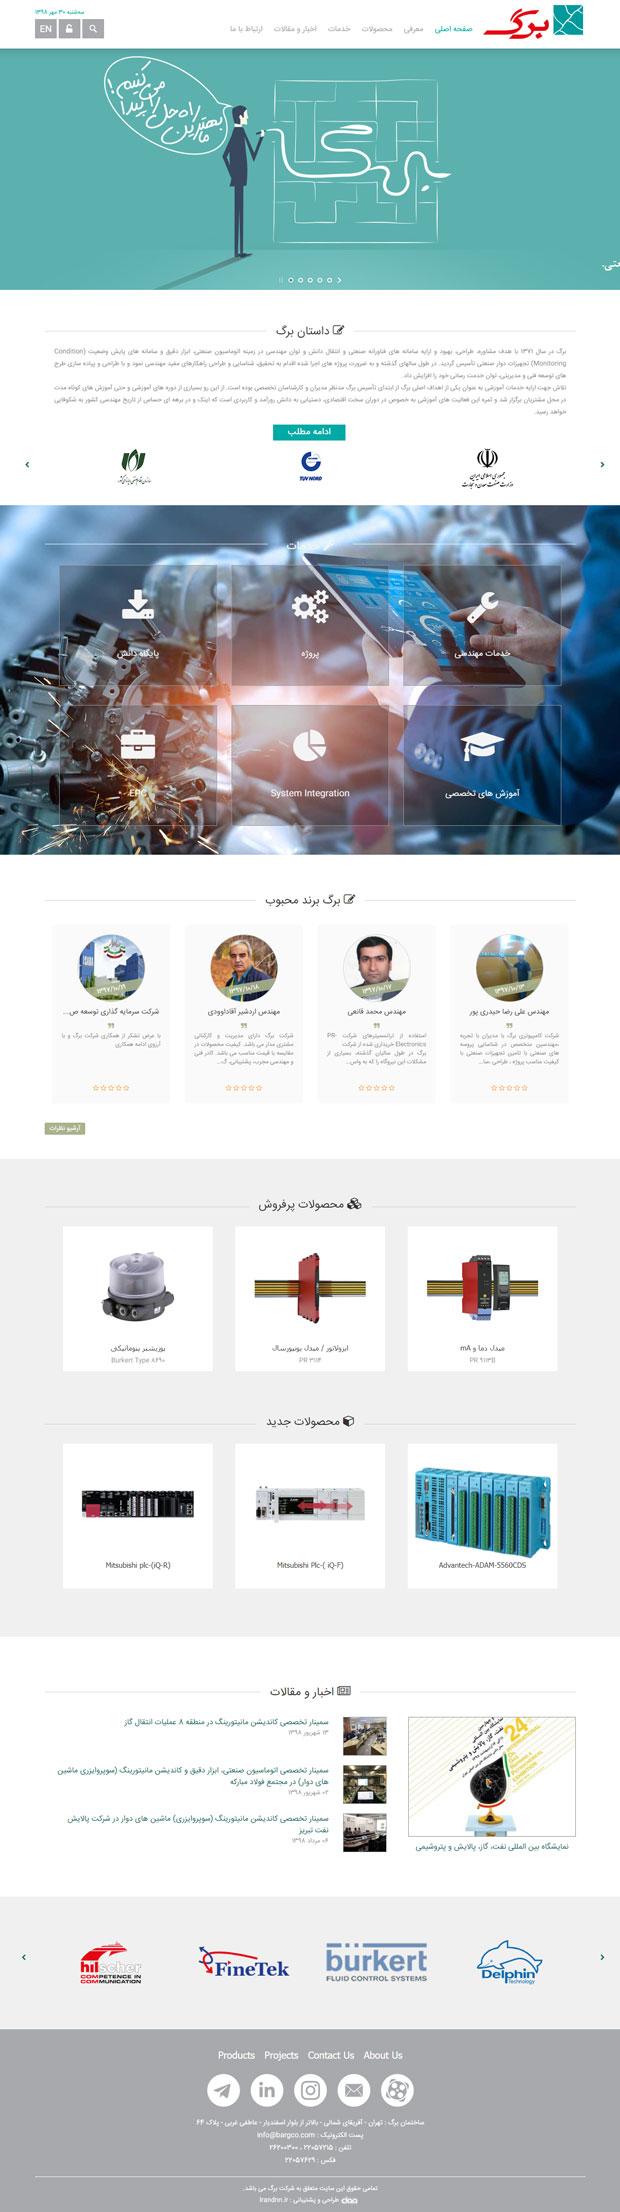 وب سایت شرکت اتوماسین صنعتی برگ